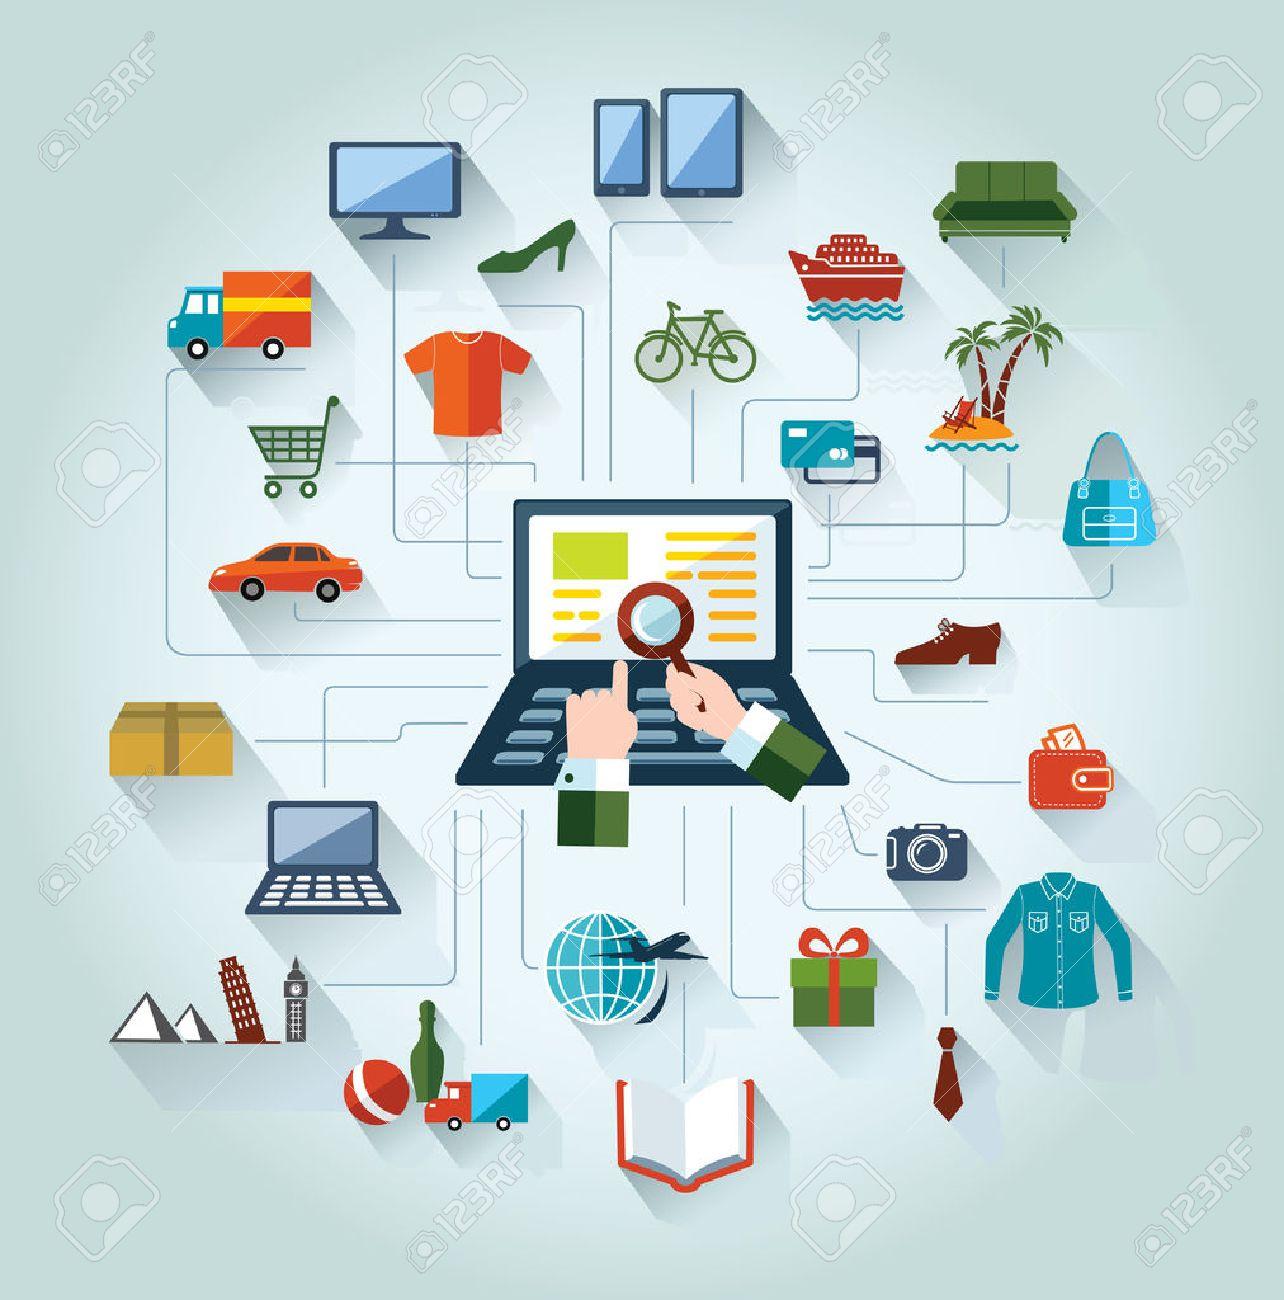 عوامل موثر بر رفتار مشتری در خرید الکترونیکی